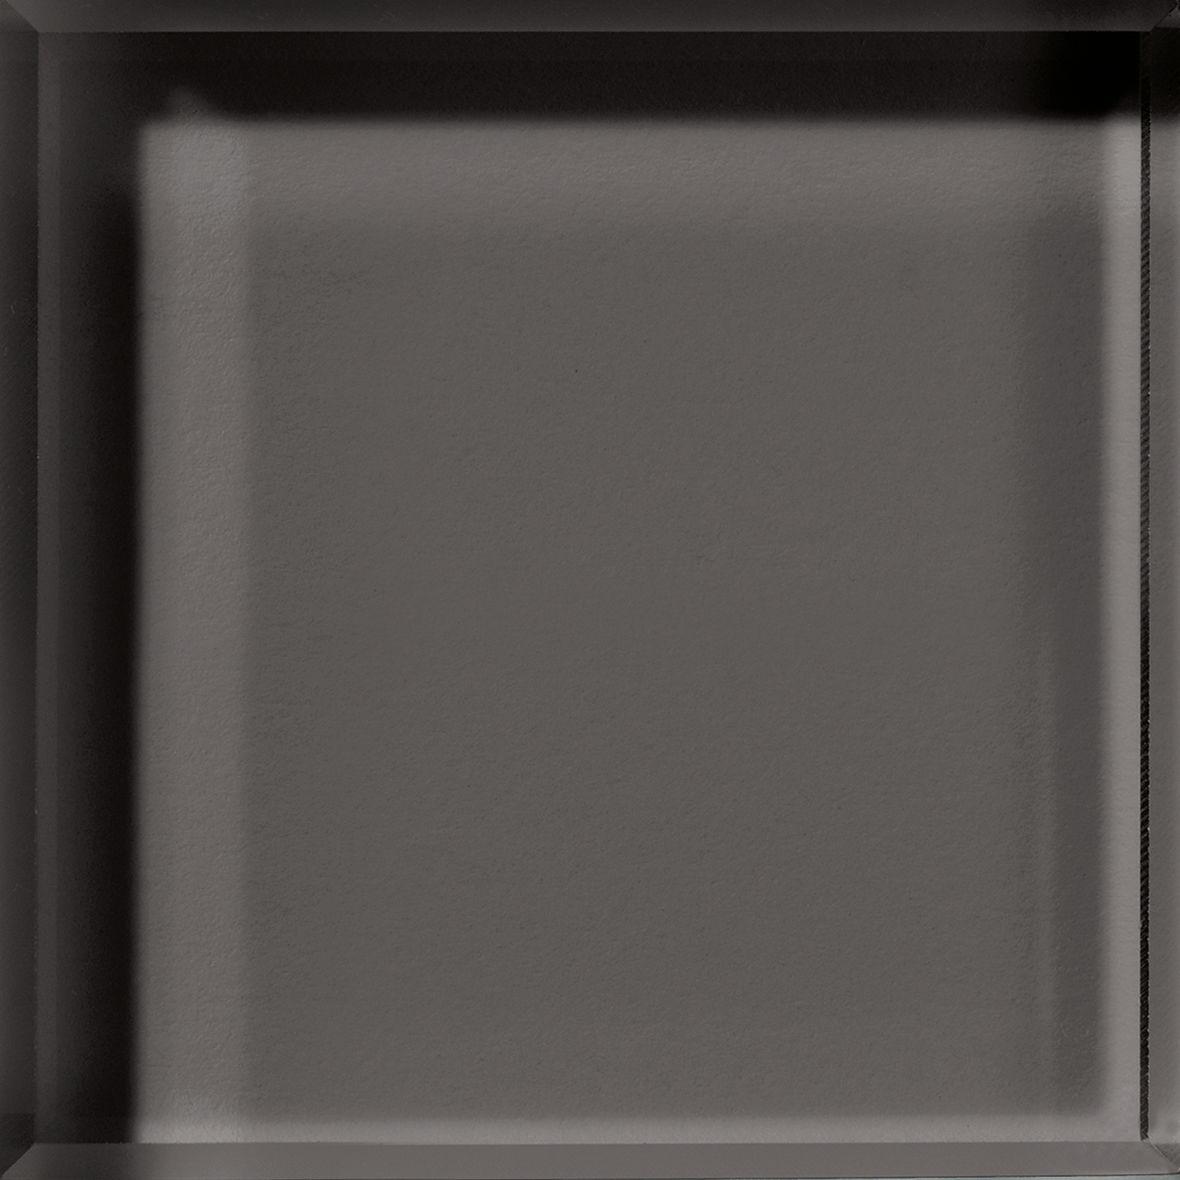 Granite Backpainted